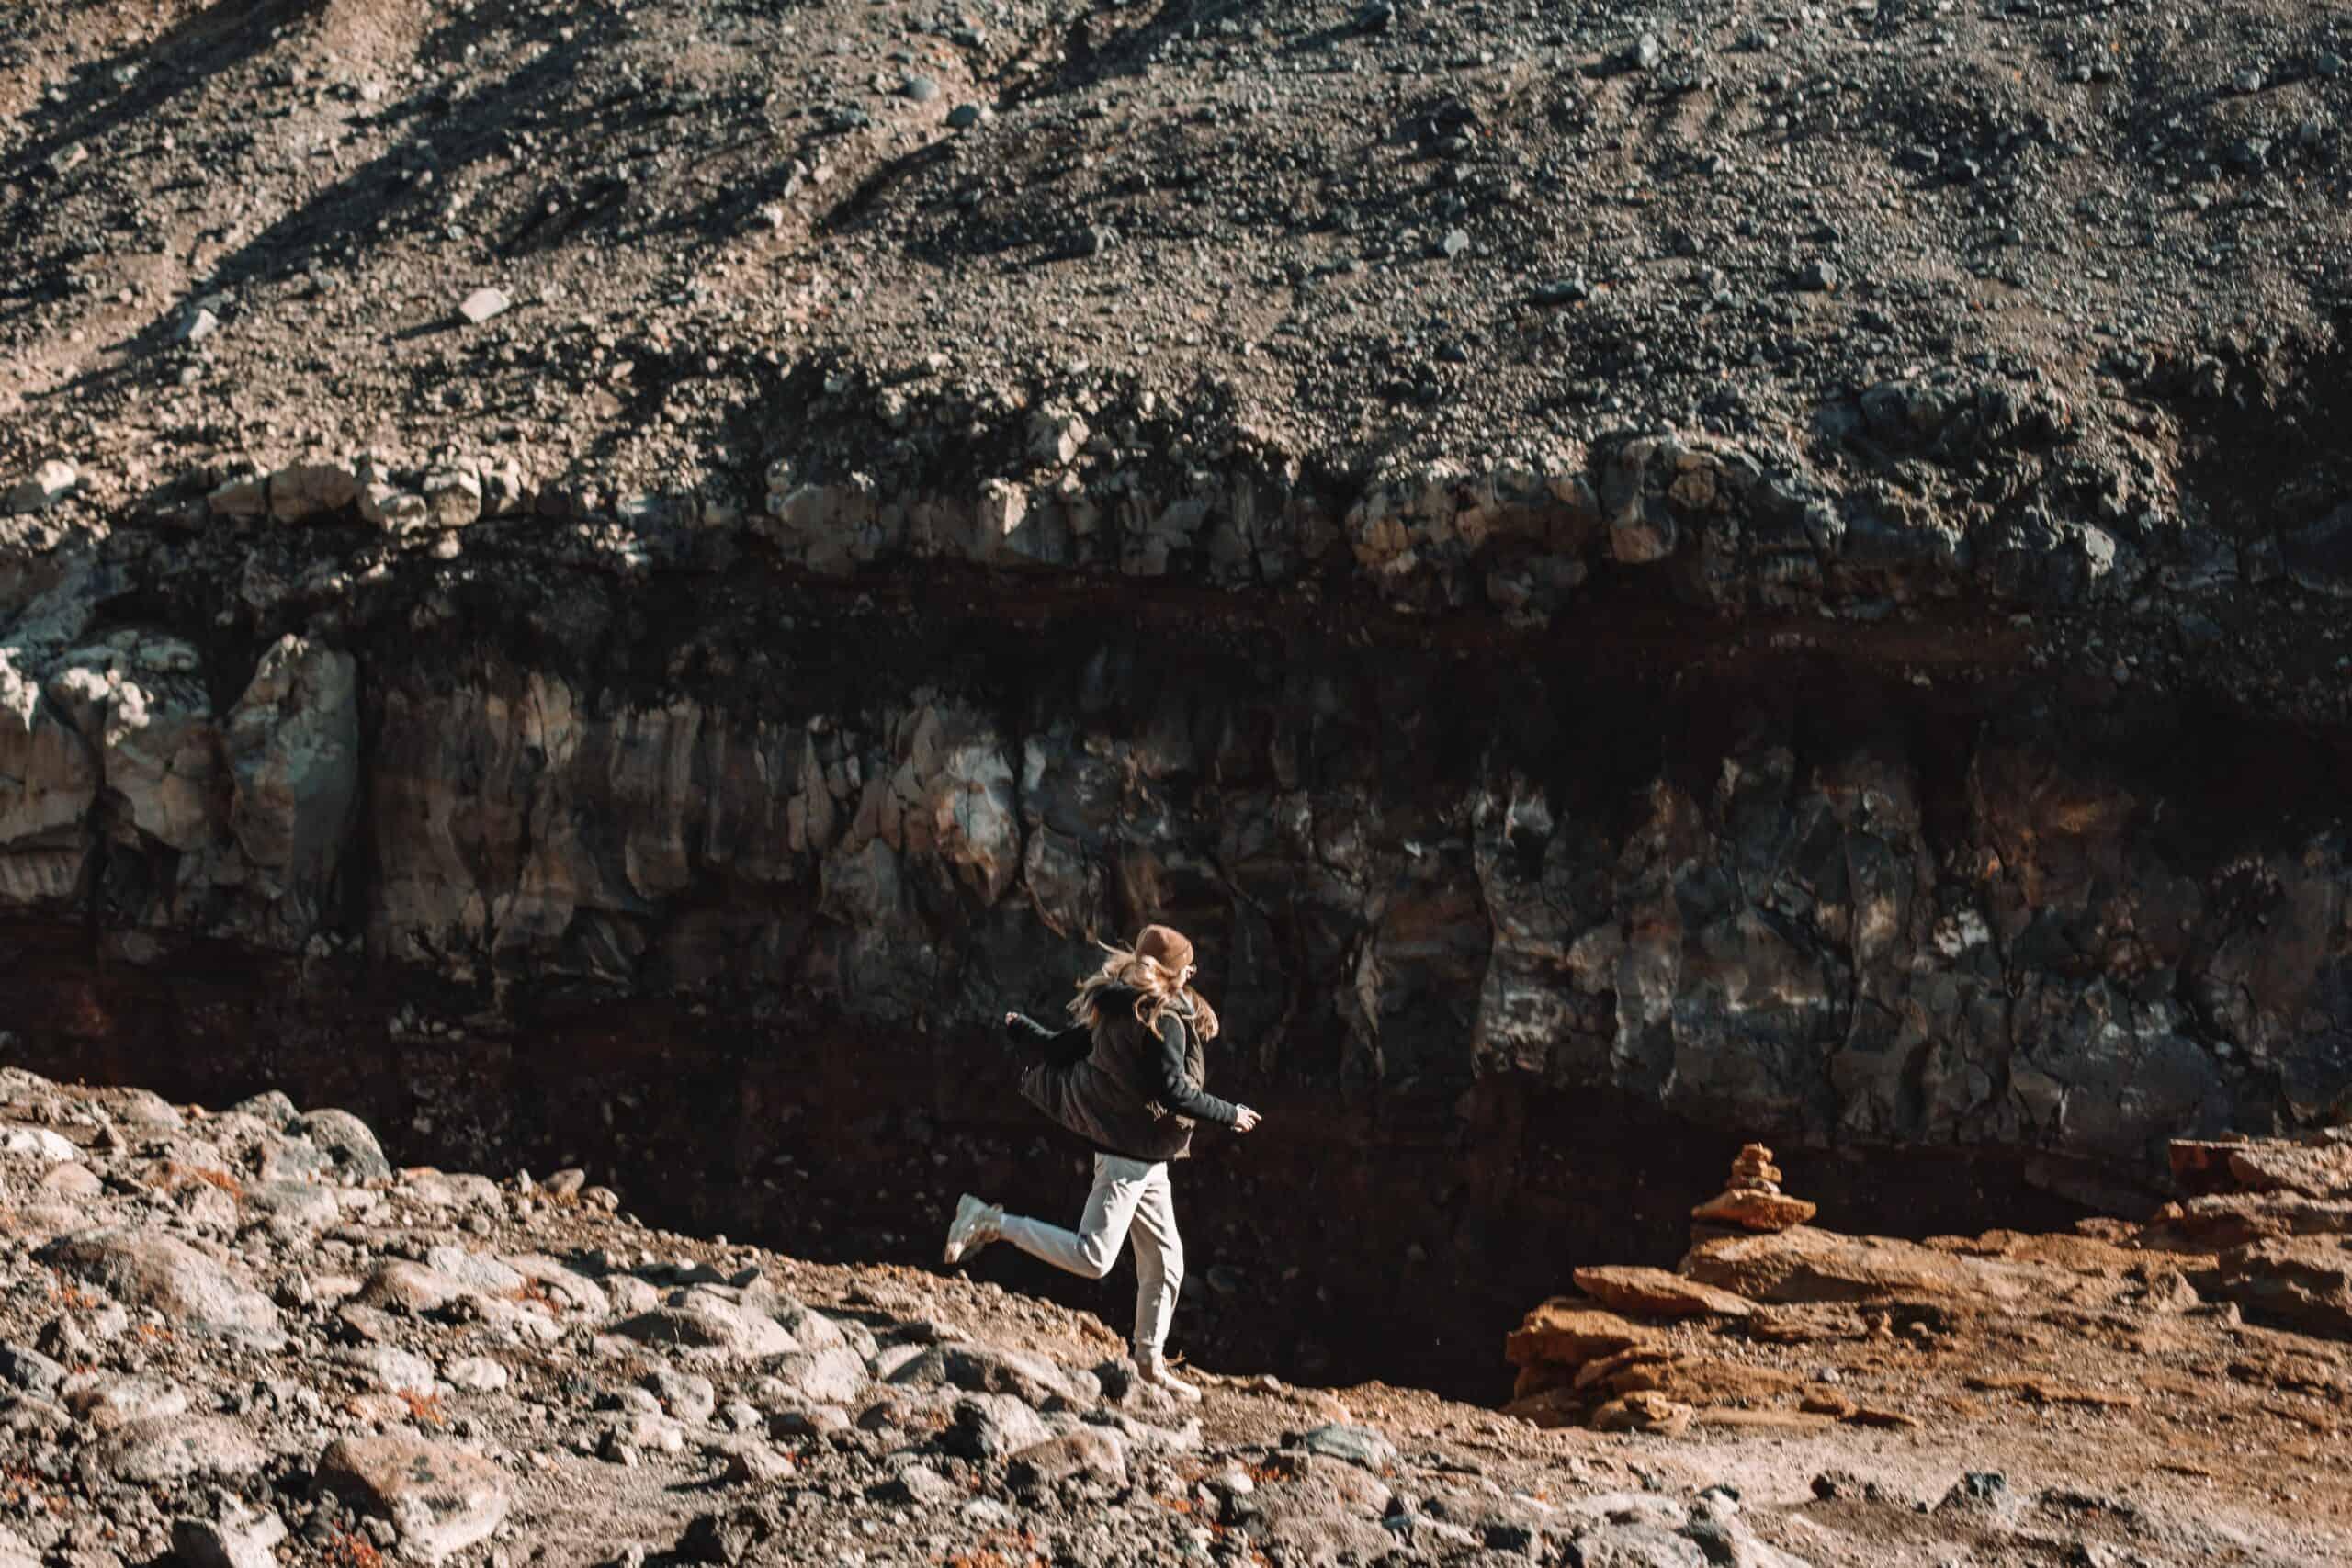 PRO Tips for Rockhounding